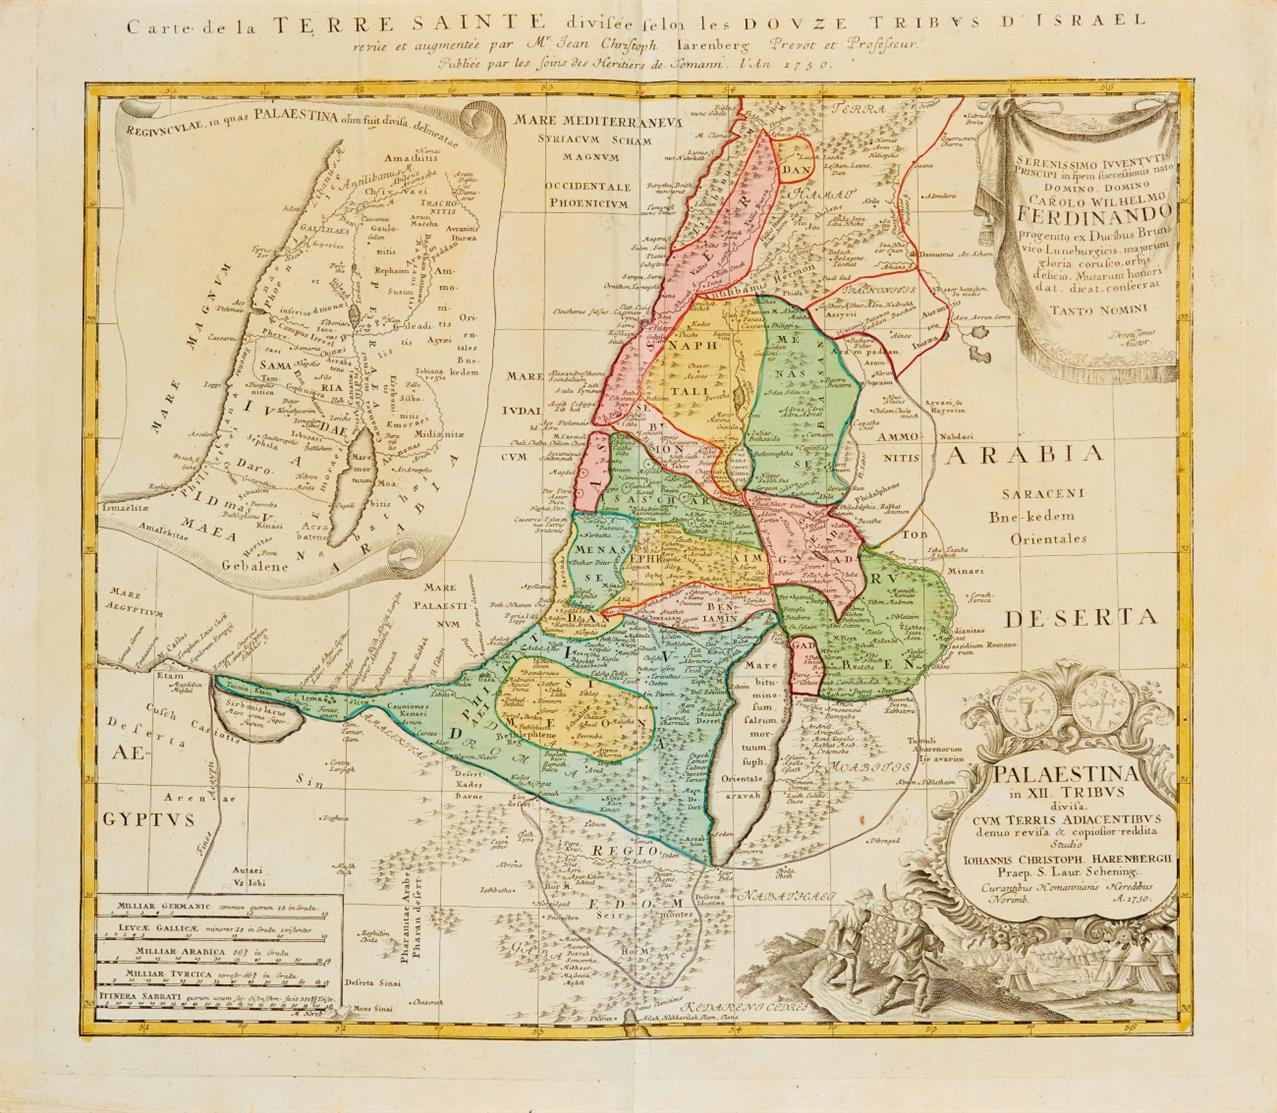 Heiliges Land. Carte de la Terre Sainte. Kolorierte Kupferstichkarte bei Homann Erben, 1750.